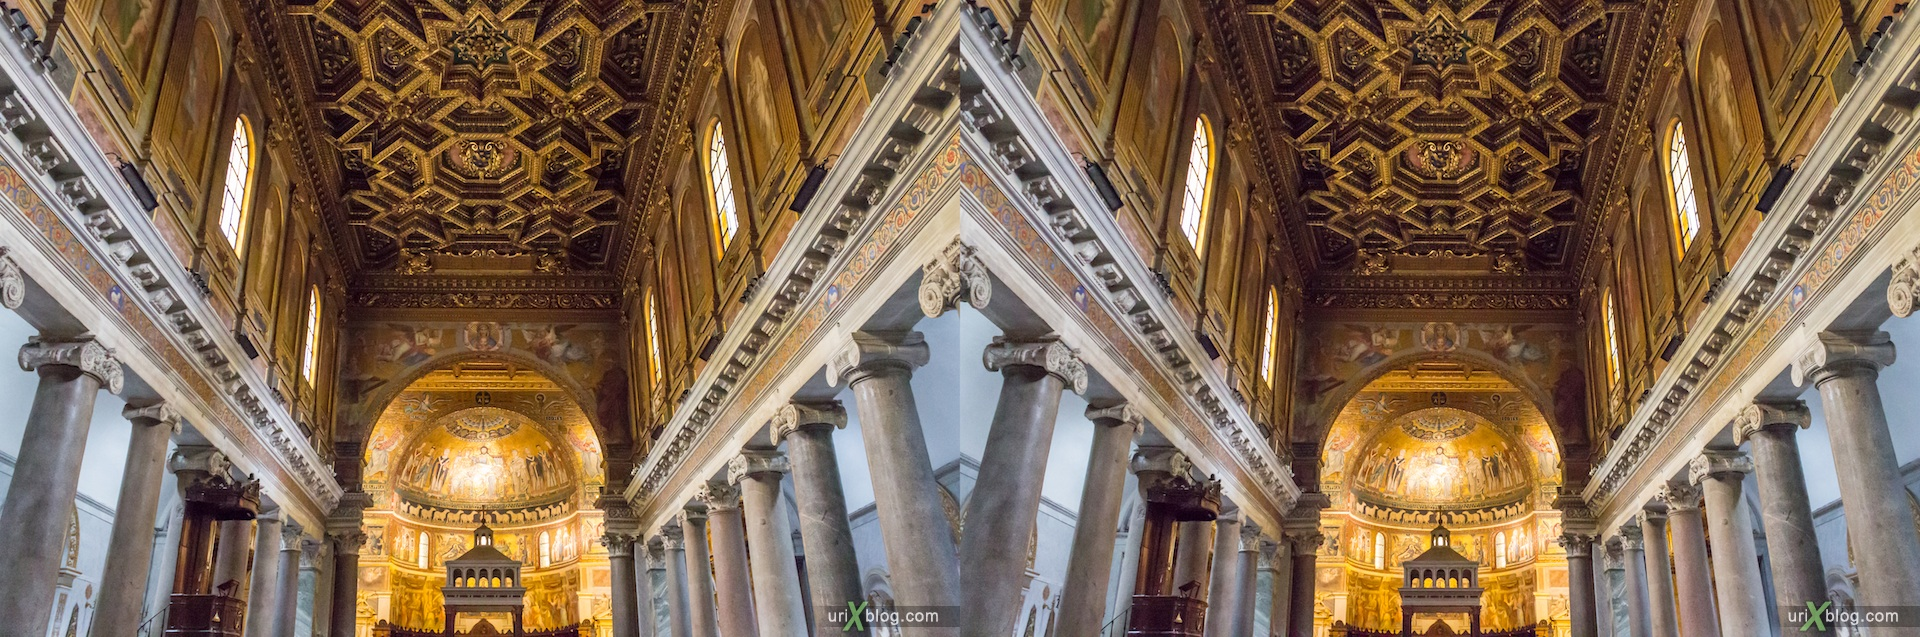 2012, церковь Санта-Мария-ин-Трастевере, собор, христианство, католичество, Рим, Италия, осень, 3D, перекрёстные стереопары, стерео, стереопара, стереопары